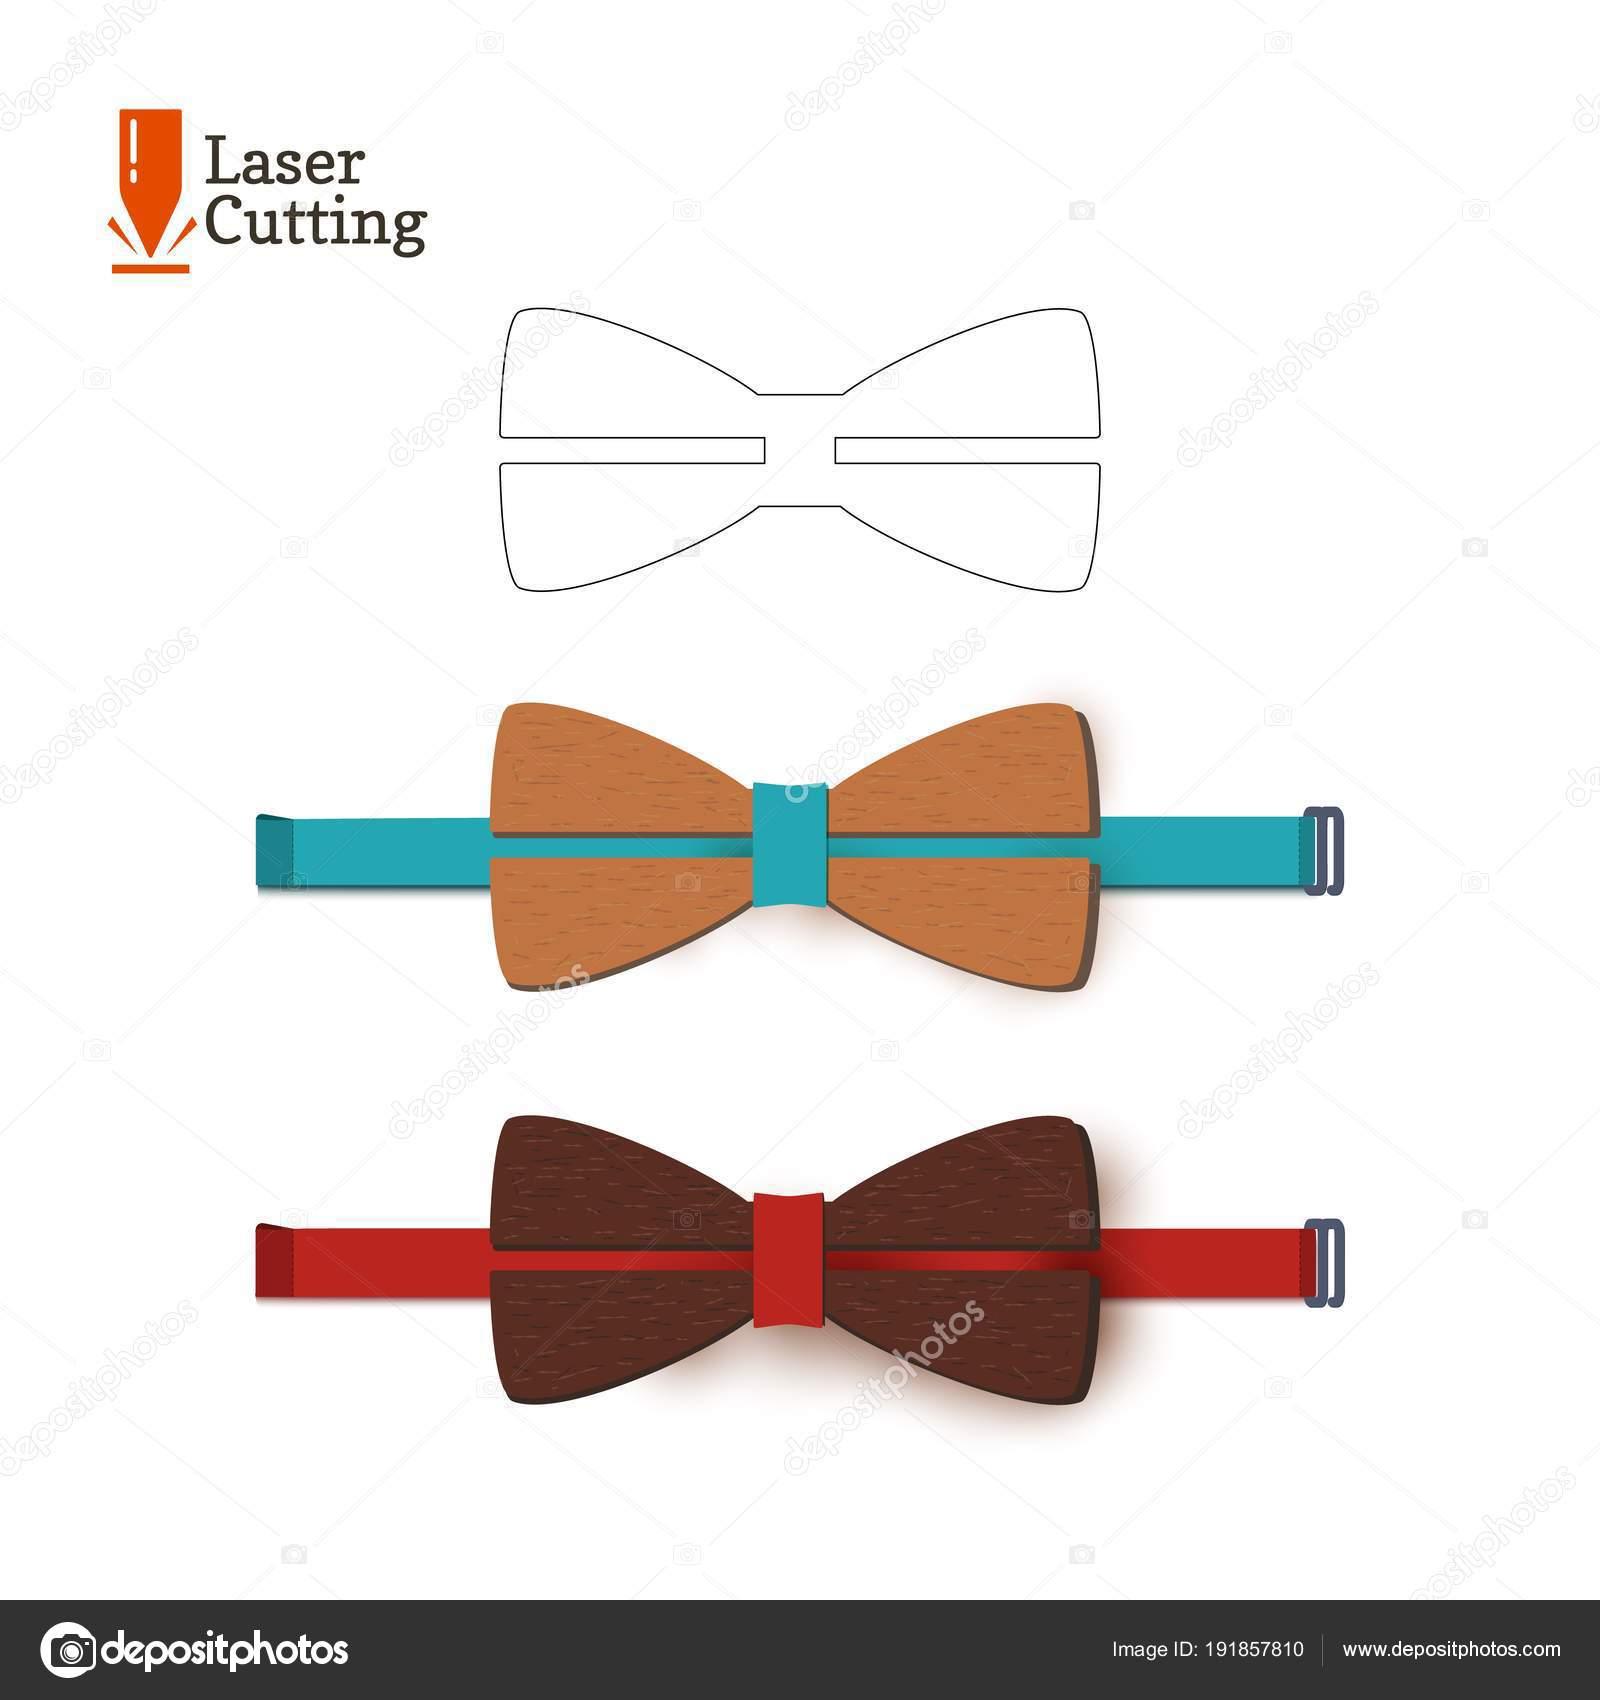 Plantilla de la corbata de lazo del corte del laser for Cartamodello per papillon